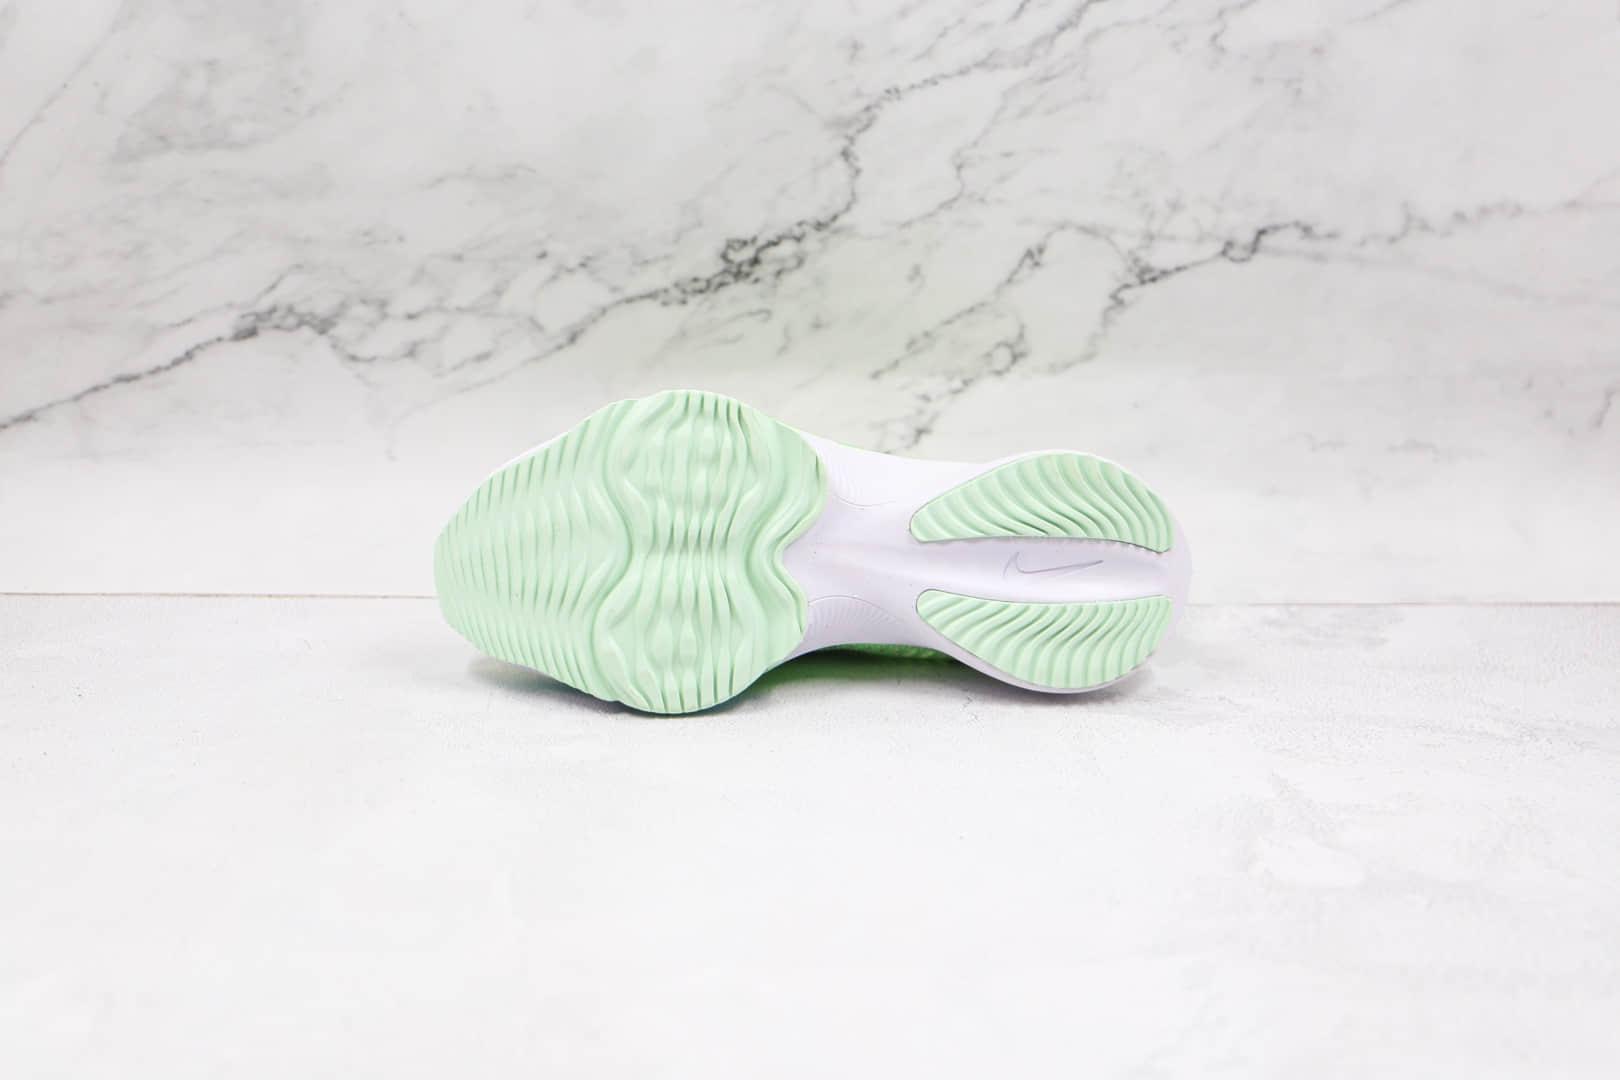 耐克Nike Air Zoom Alphafly NEXT%纯原版本马拉松网面绿色next%慢跑鞋原楦头纸板打造 货号:CI9924-700